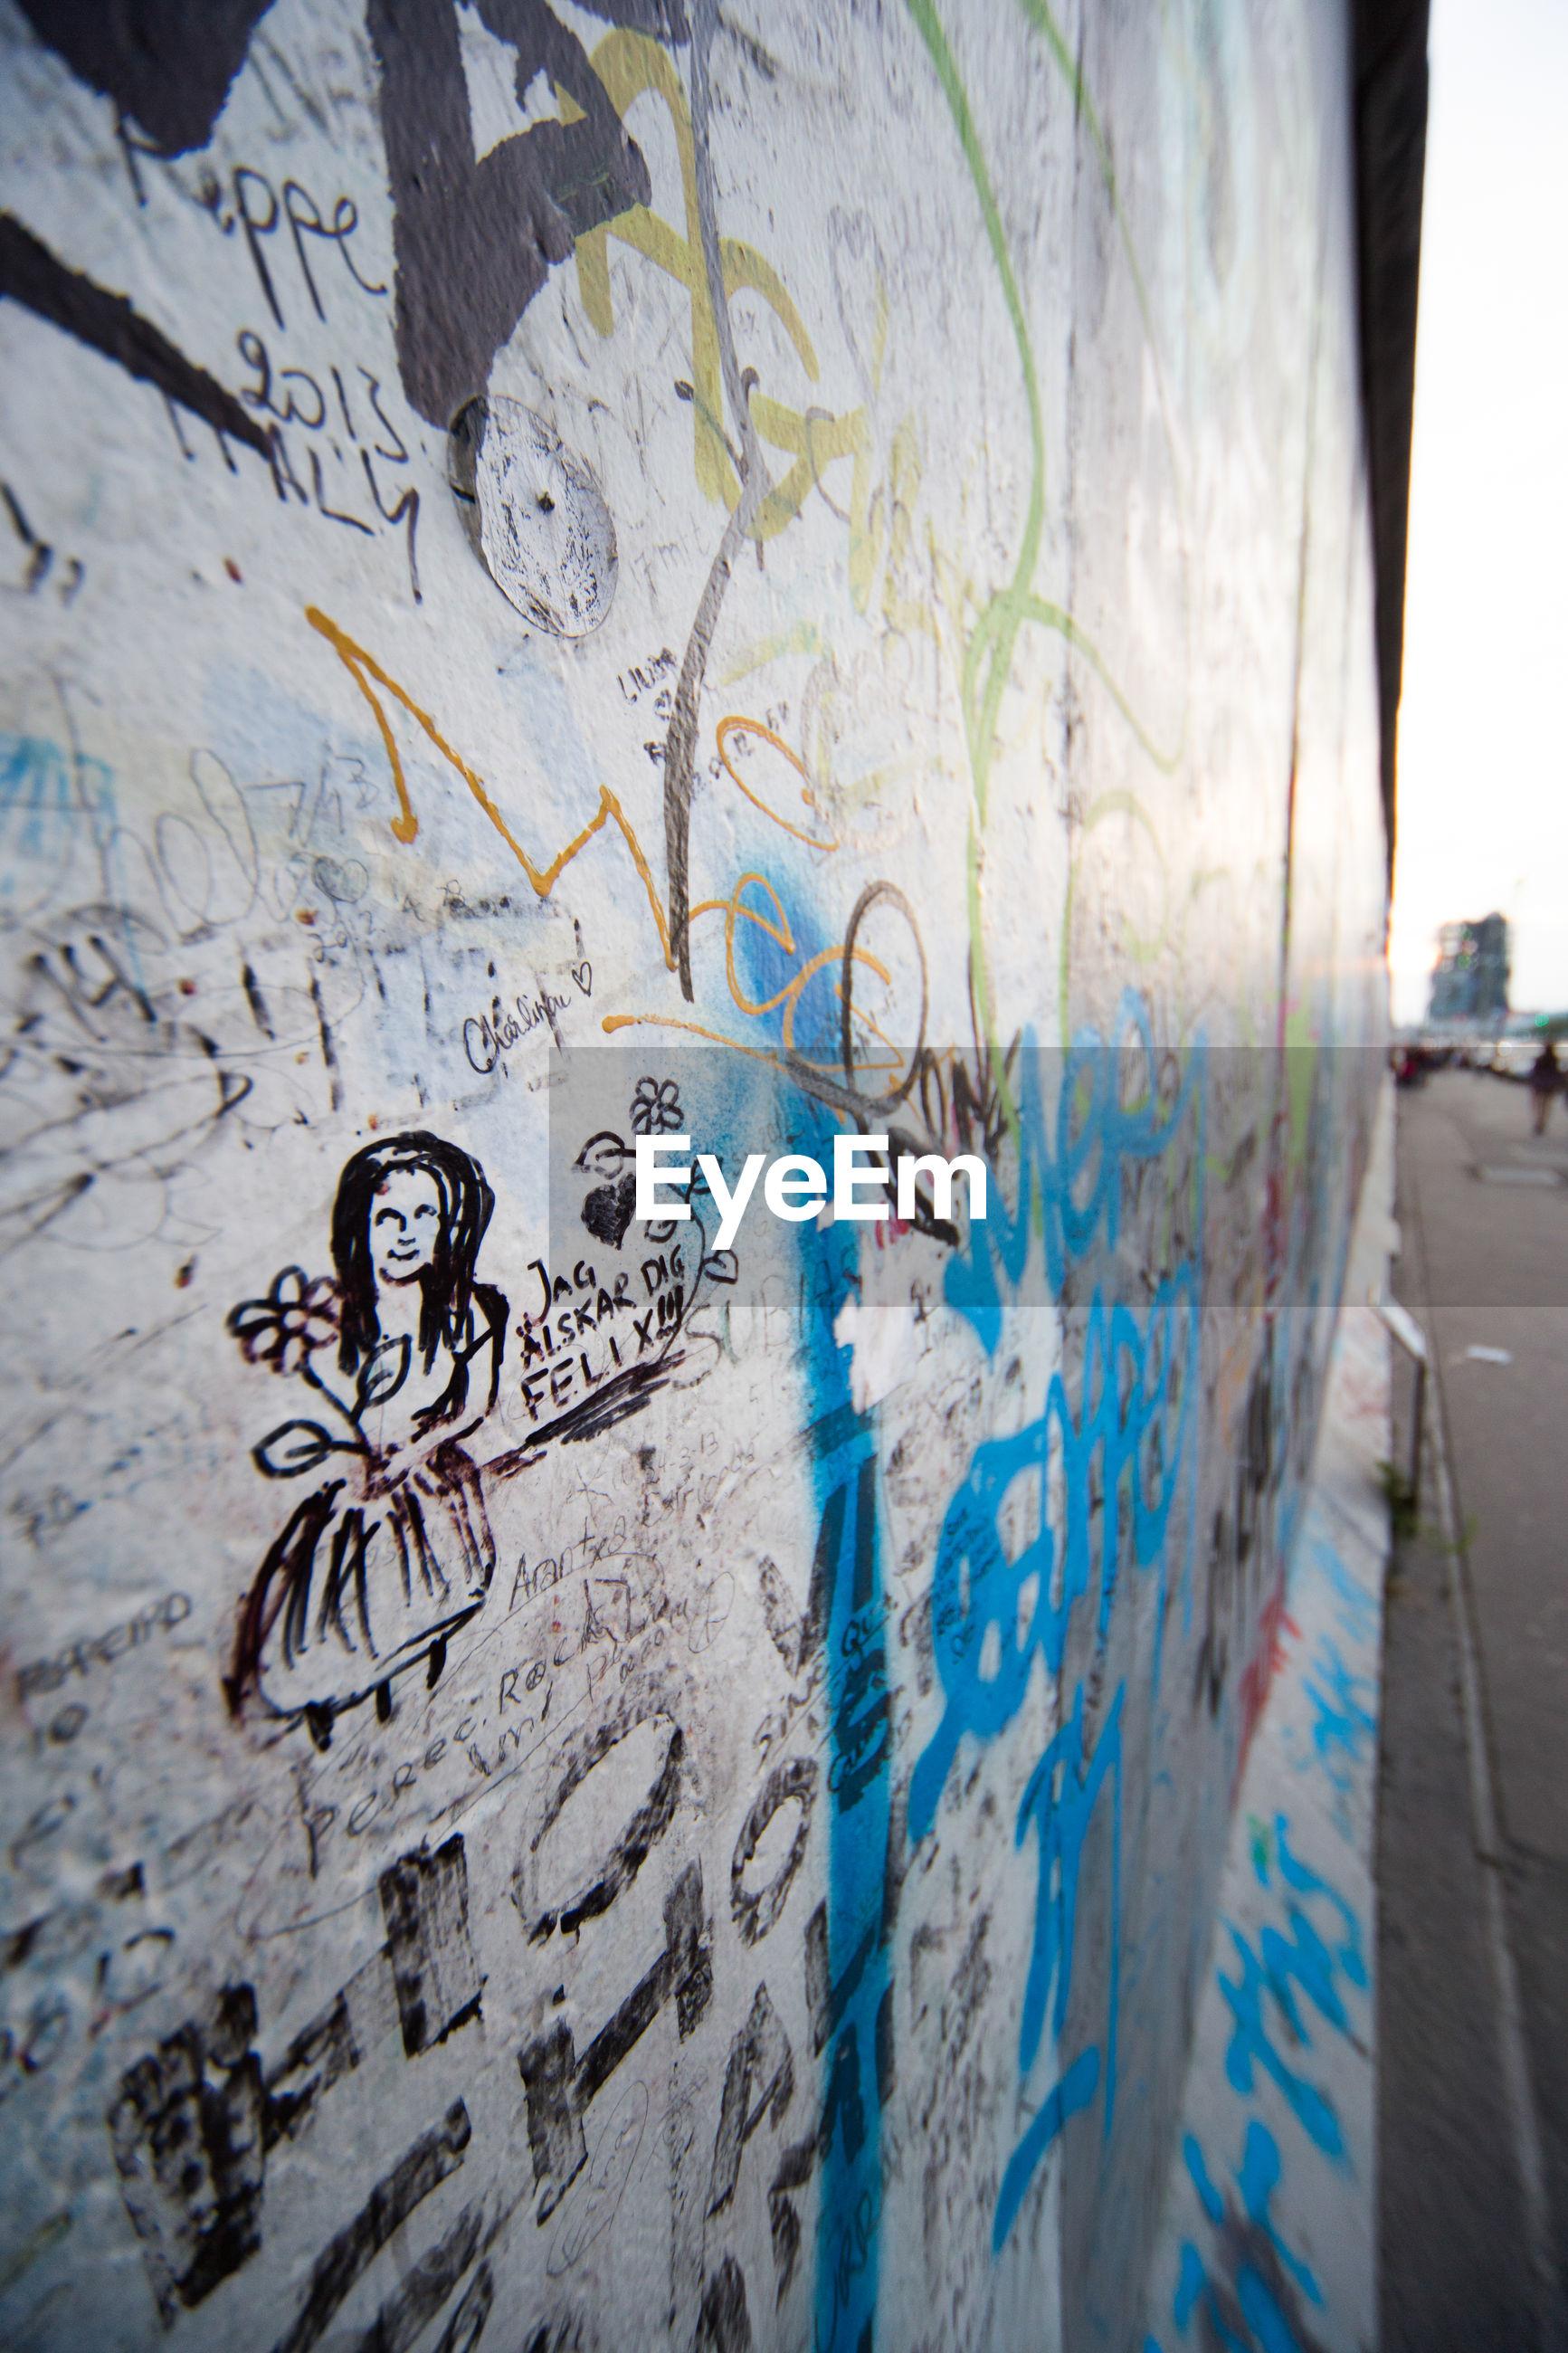 CLOSE-UP OF GRAFFITI ON BRICK WALL